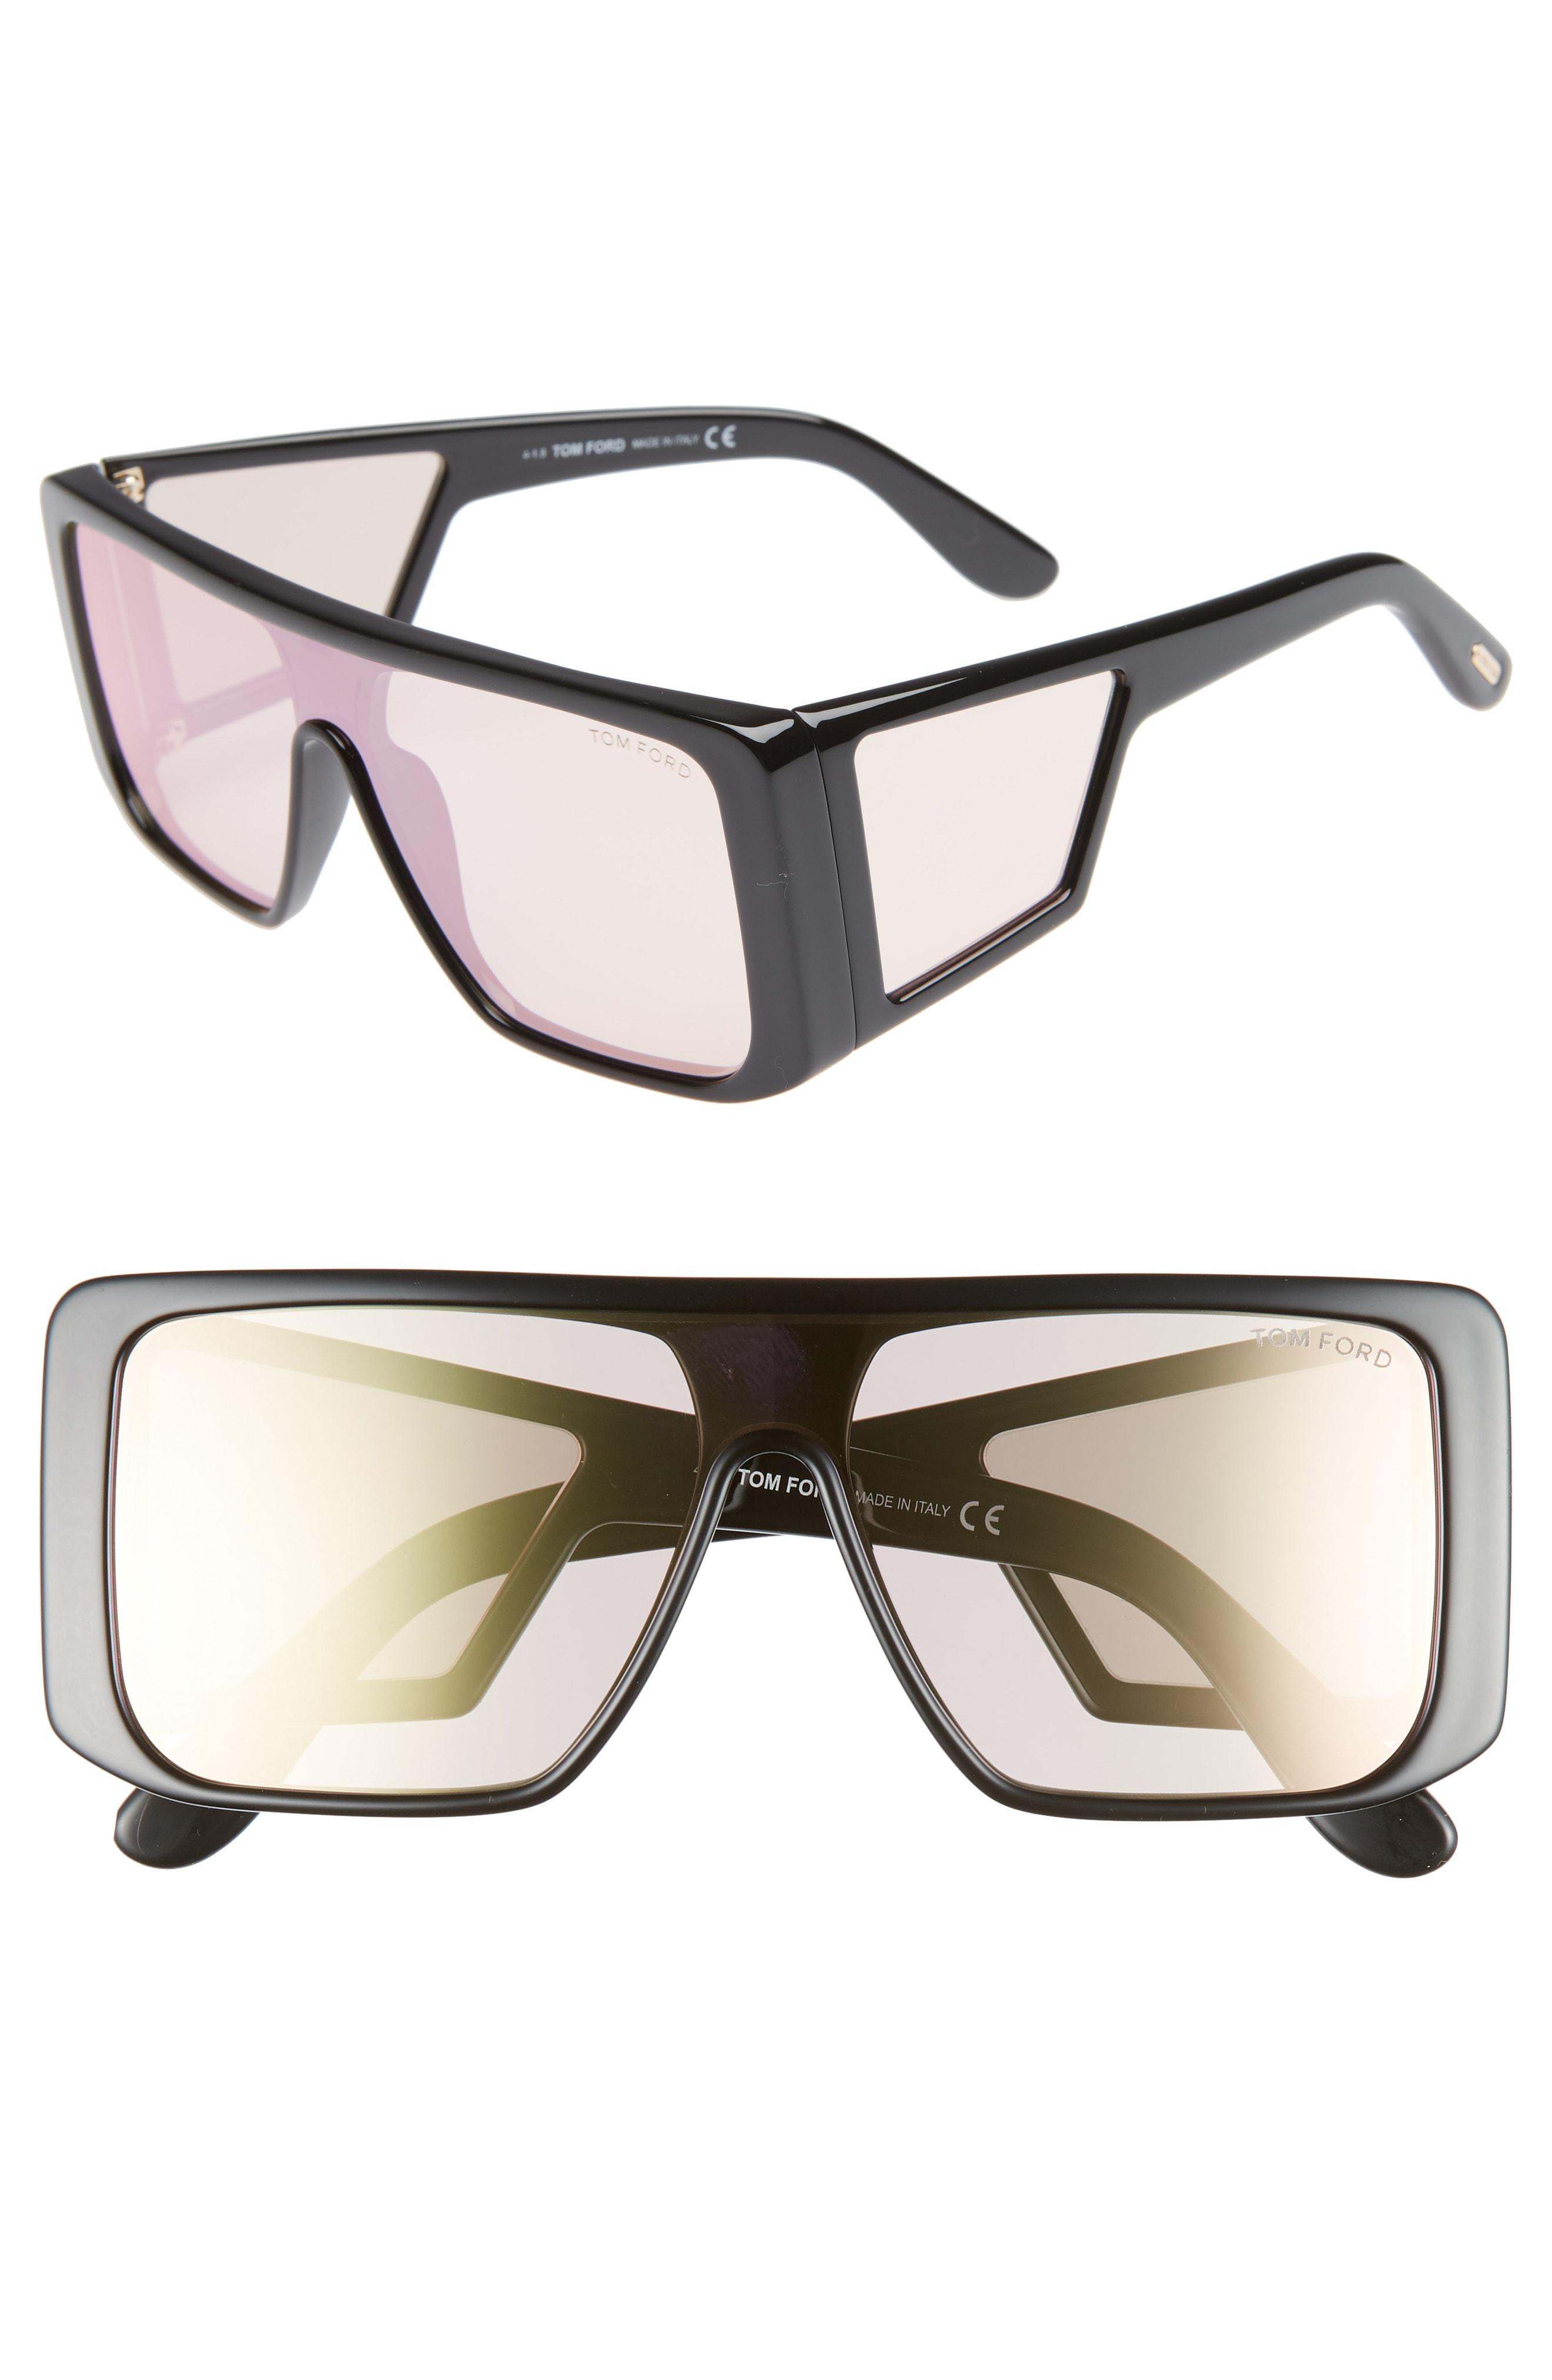 0e9474d1f0f2 Tom Ford - Multicolor 132mm Atticus Shield Sunglasses - - Lyst. View  fullscreen